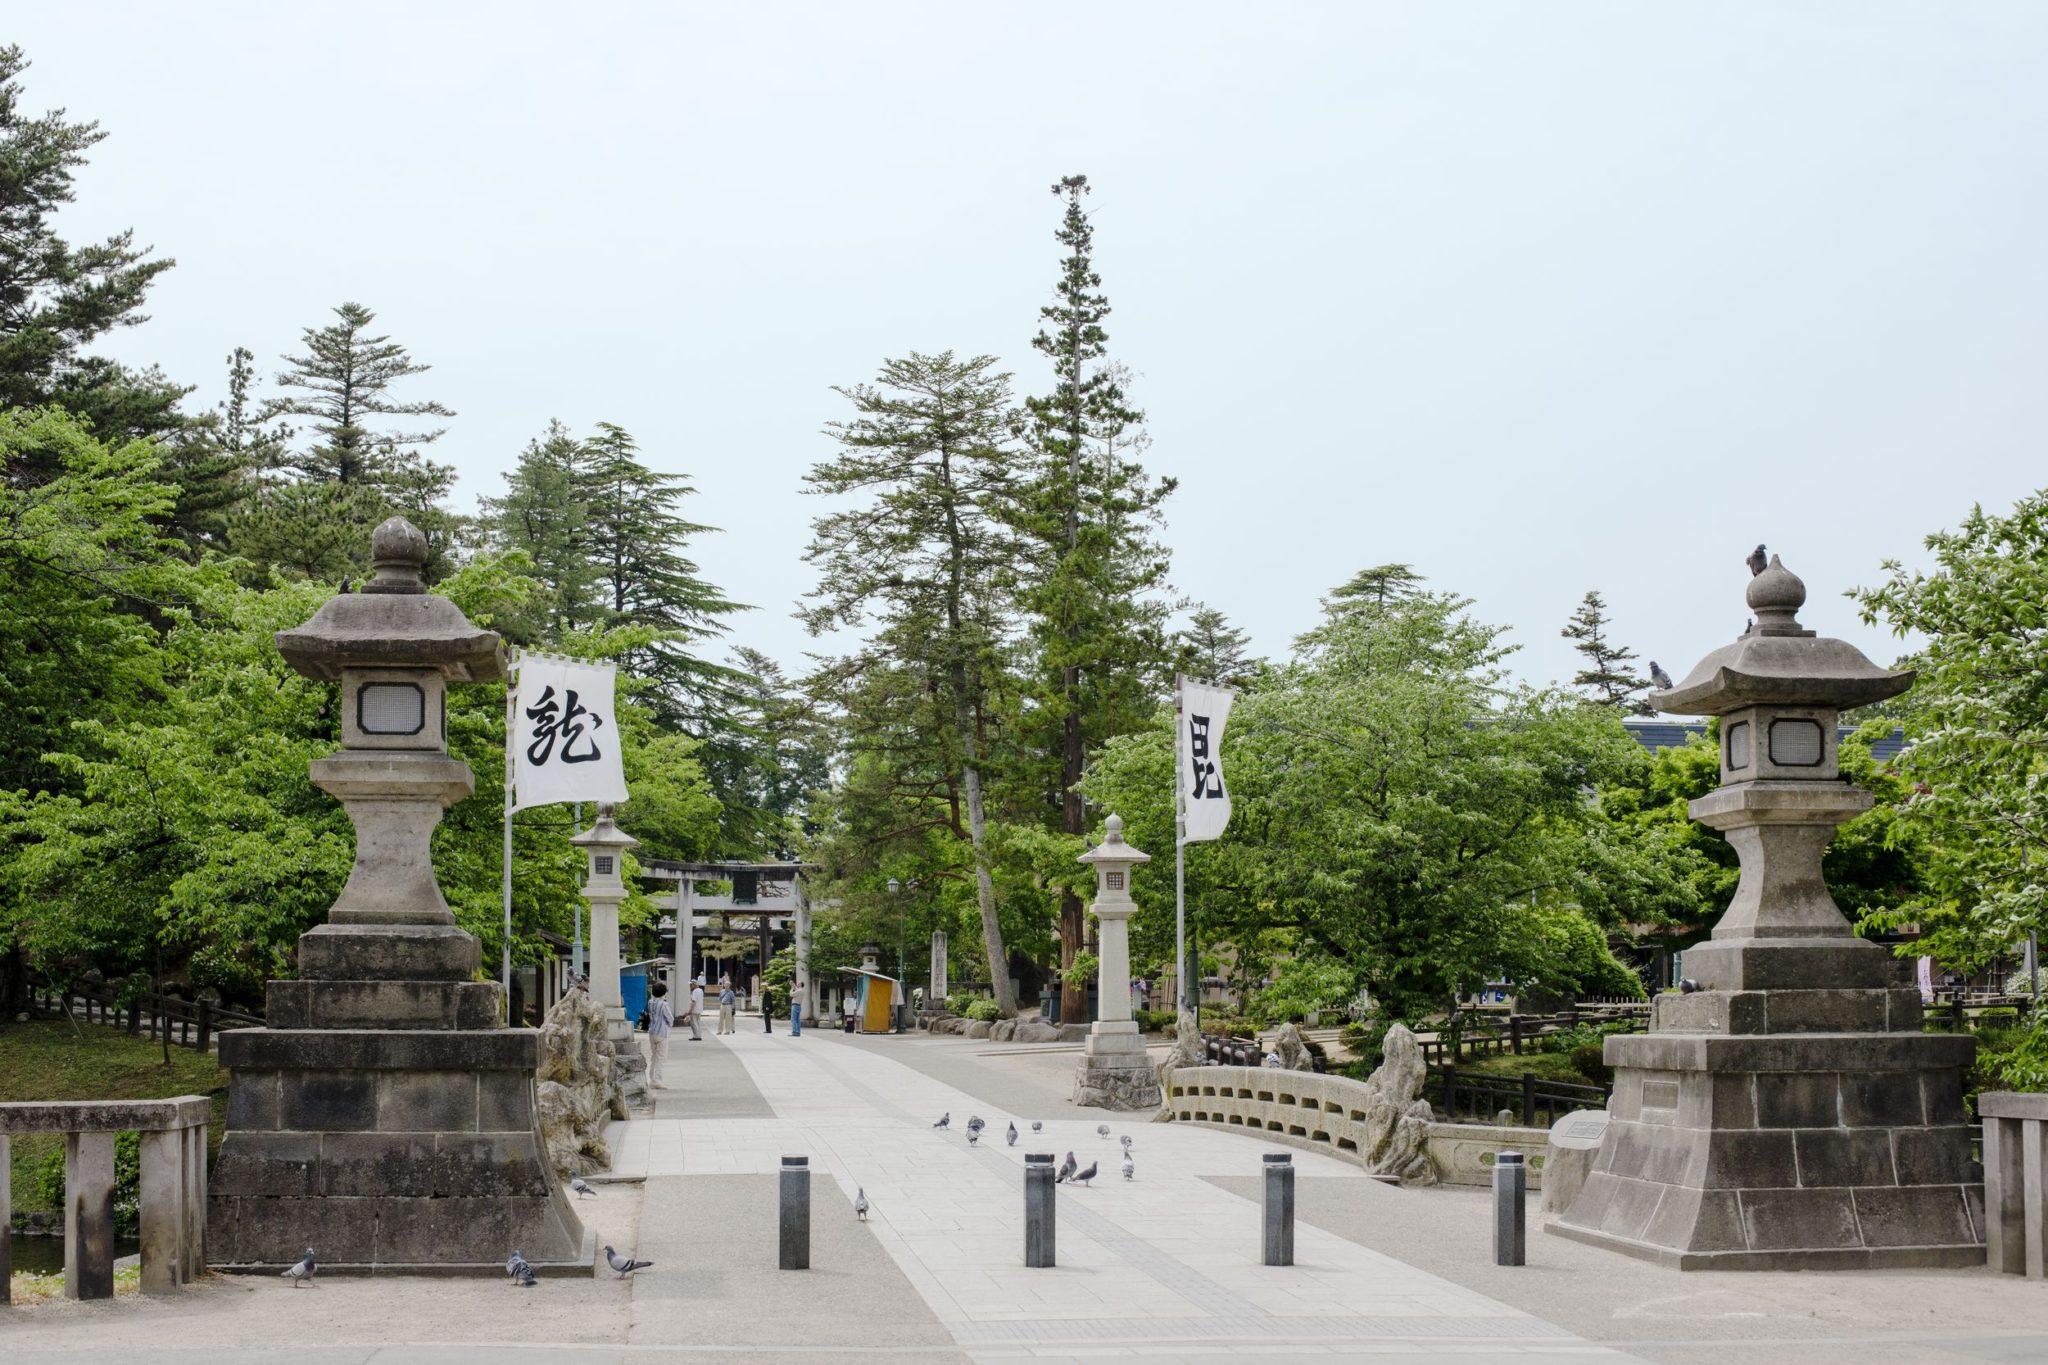 松が岬公園